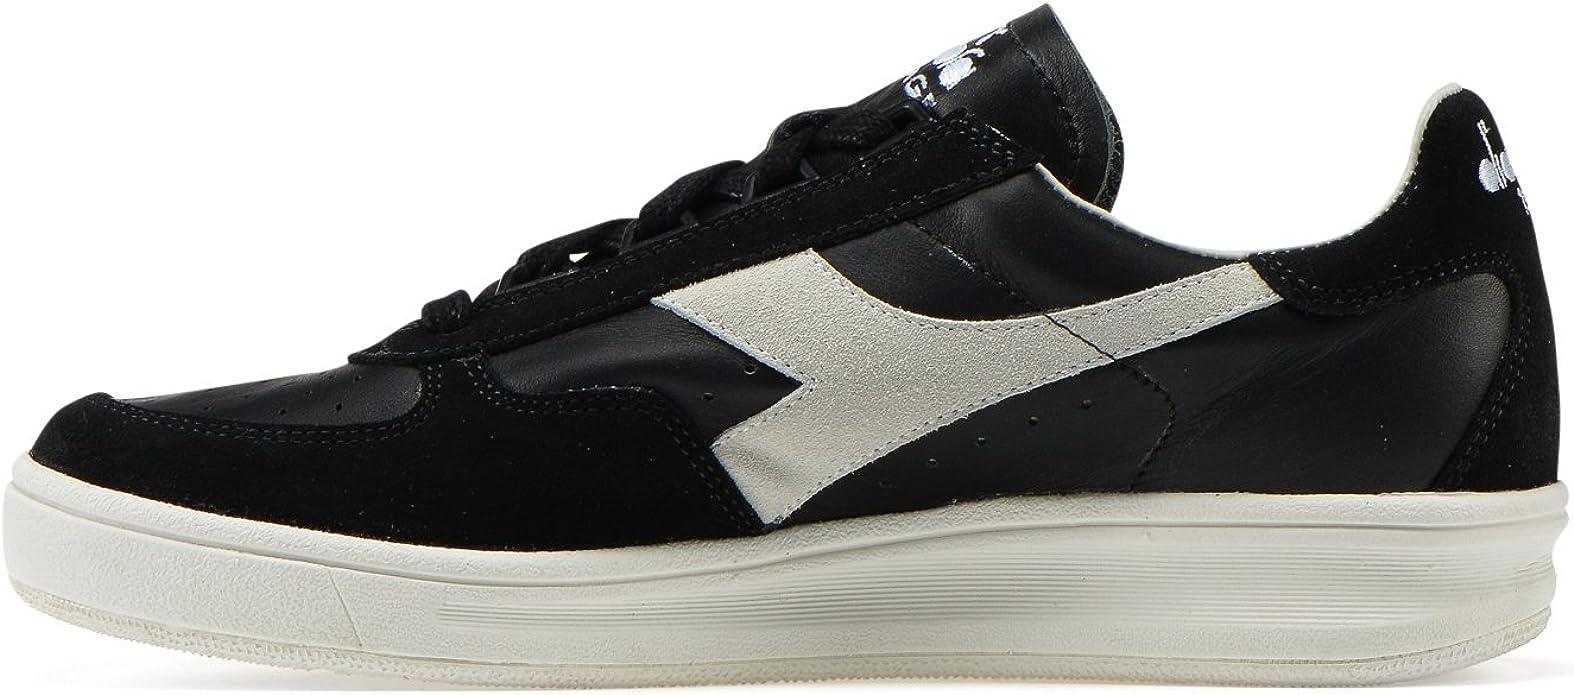 Diadora Heritage Sneakers B.ELITE SL per uomo e donna